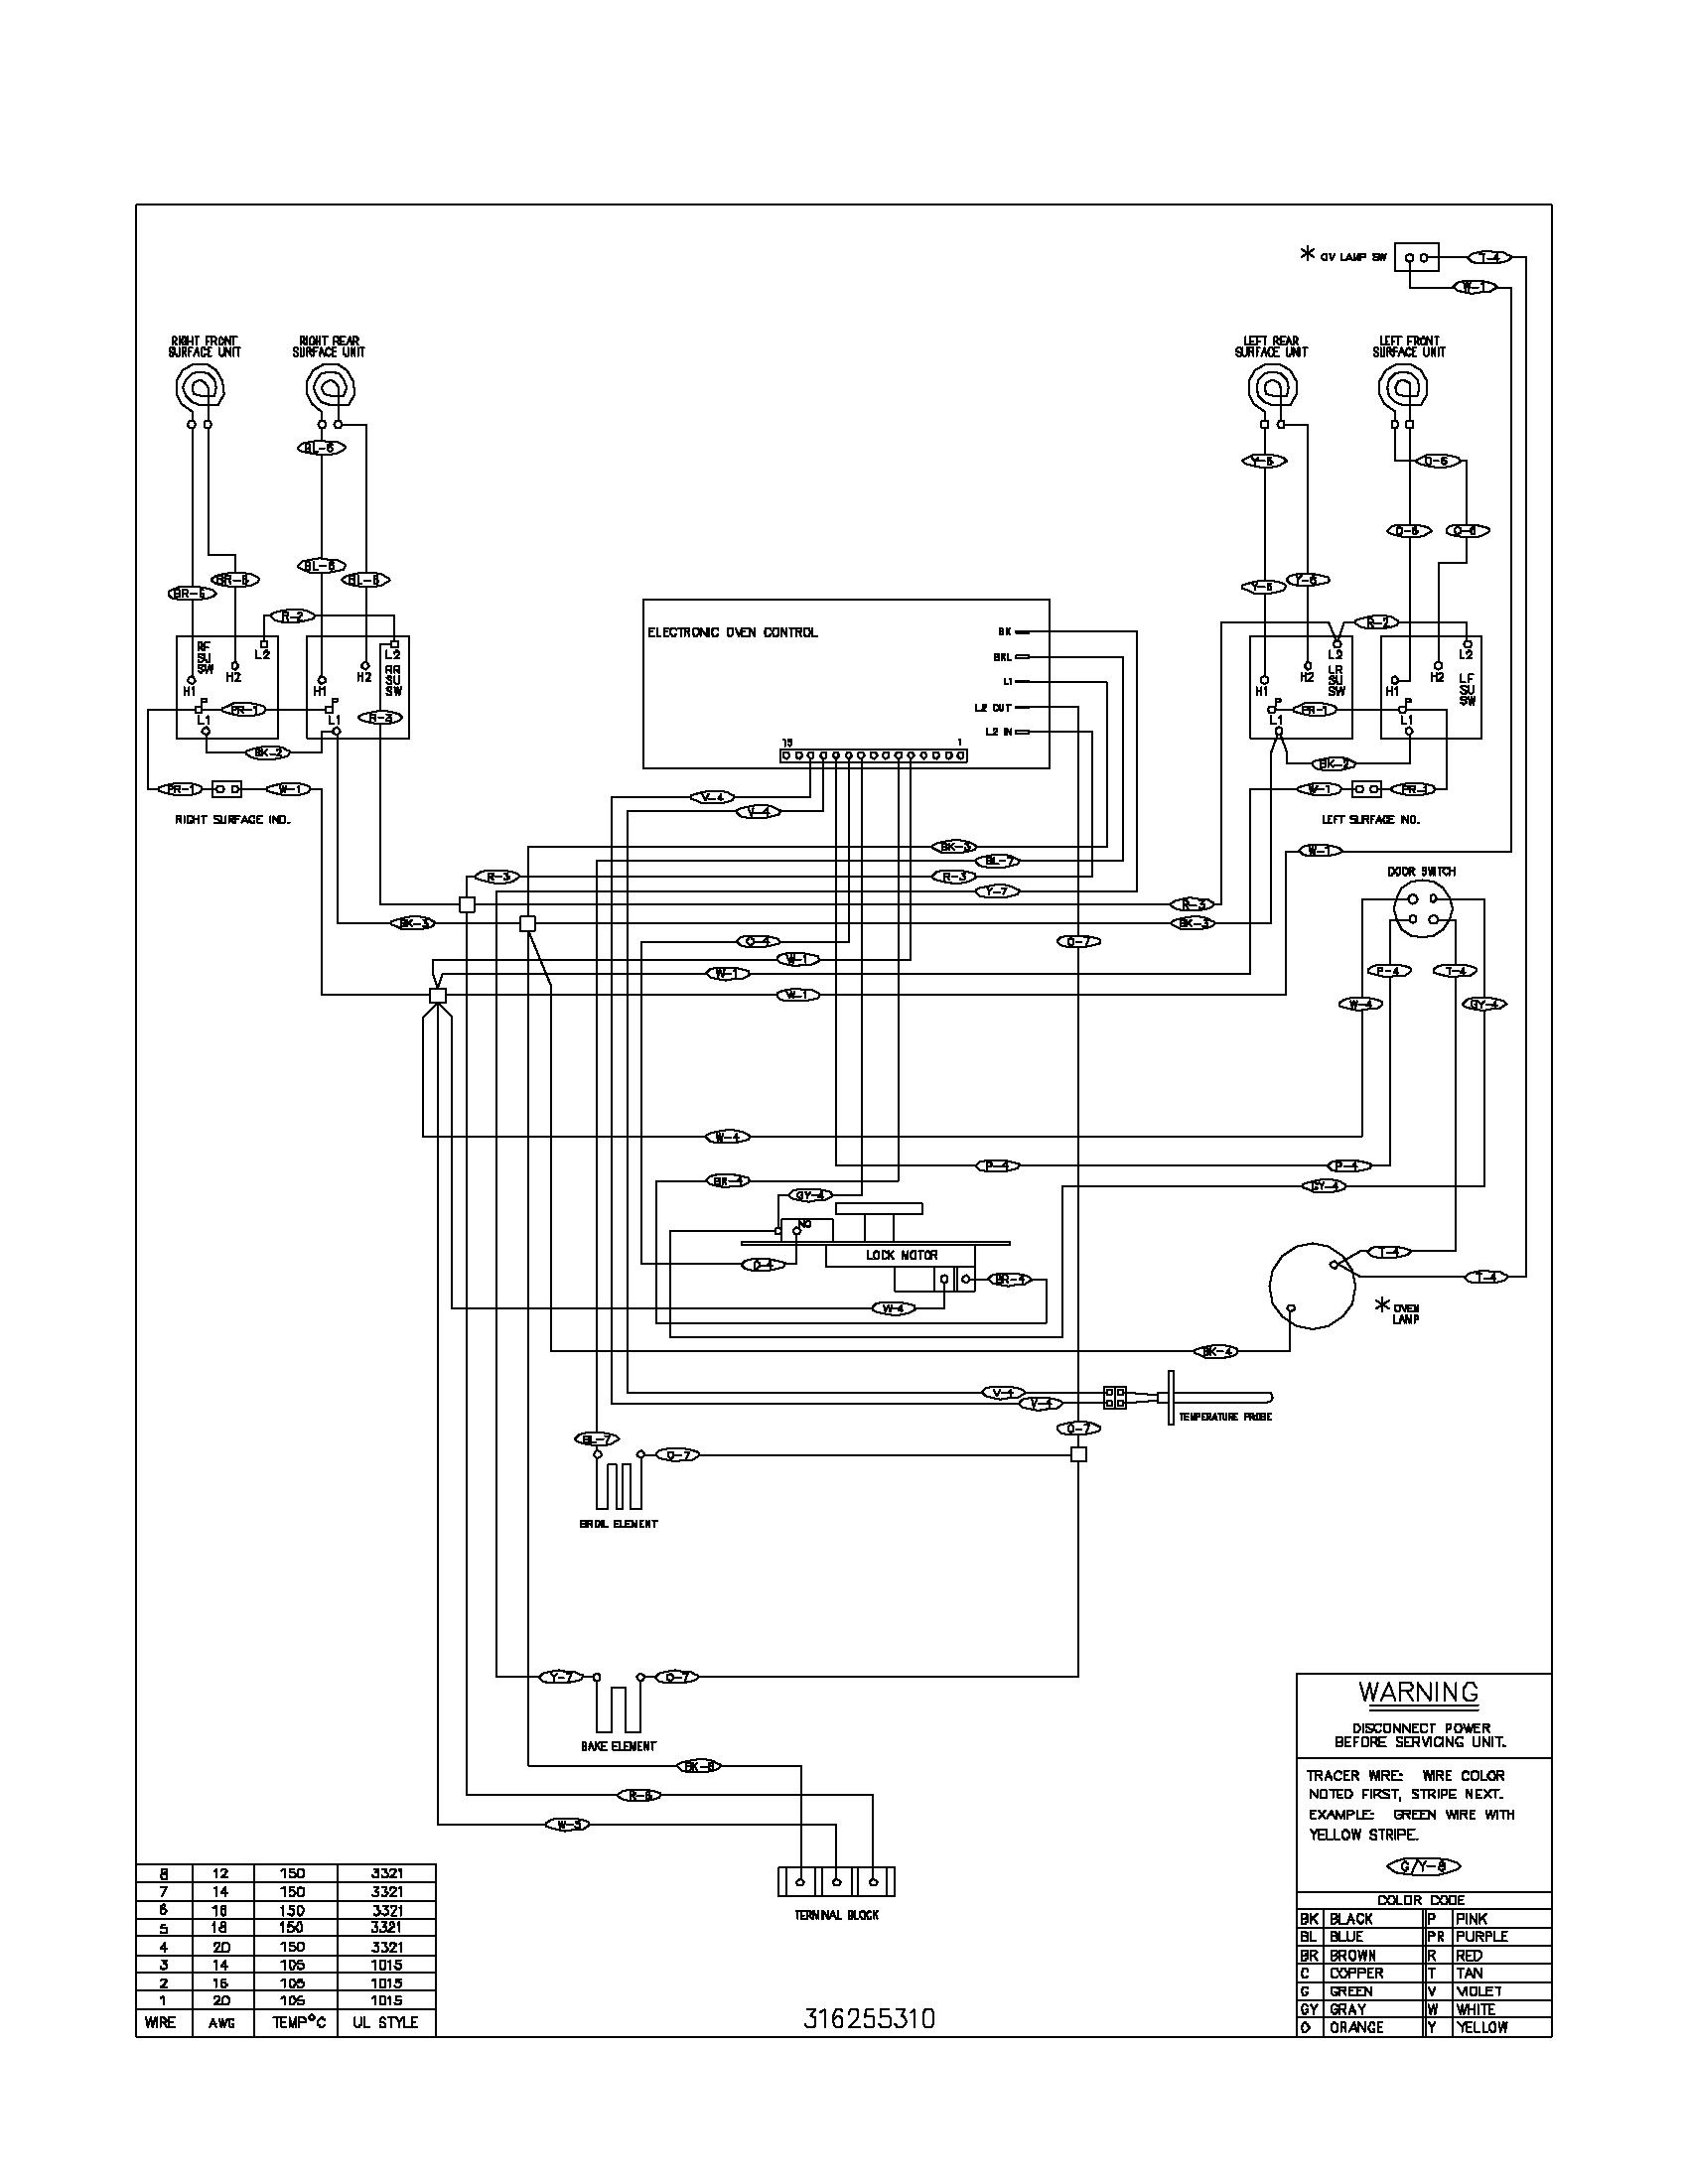 Baking Oven Wiring Diagram - Wiring diagram